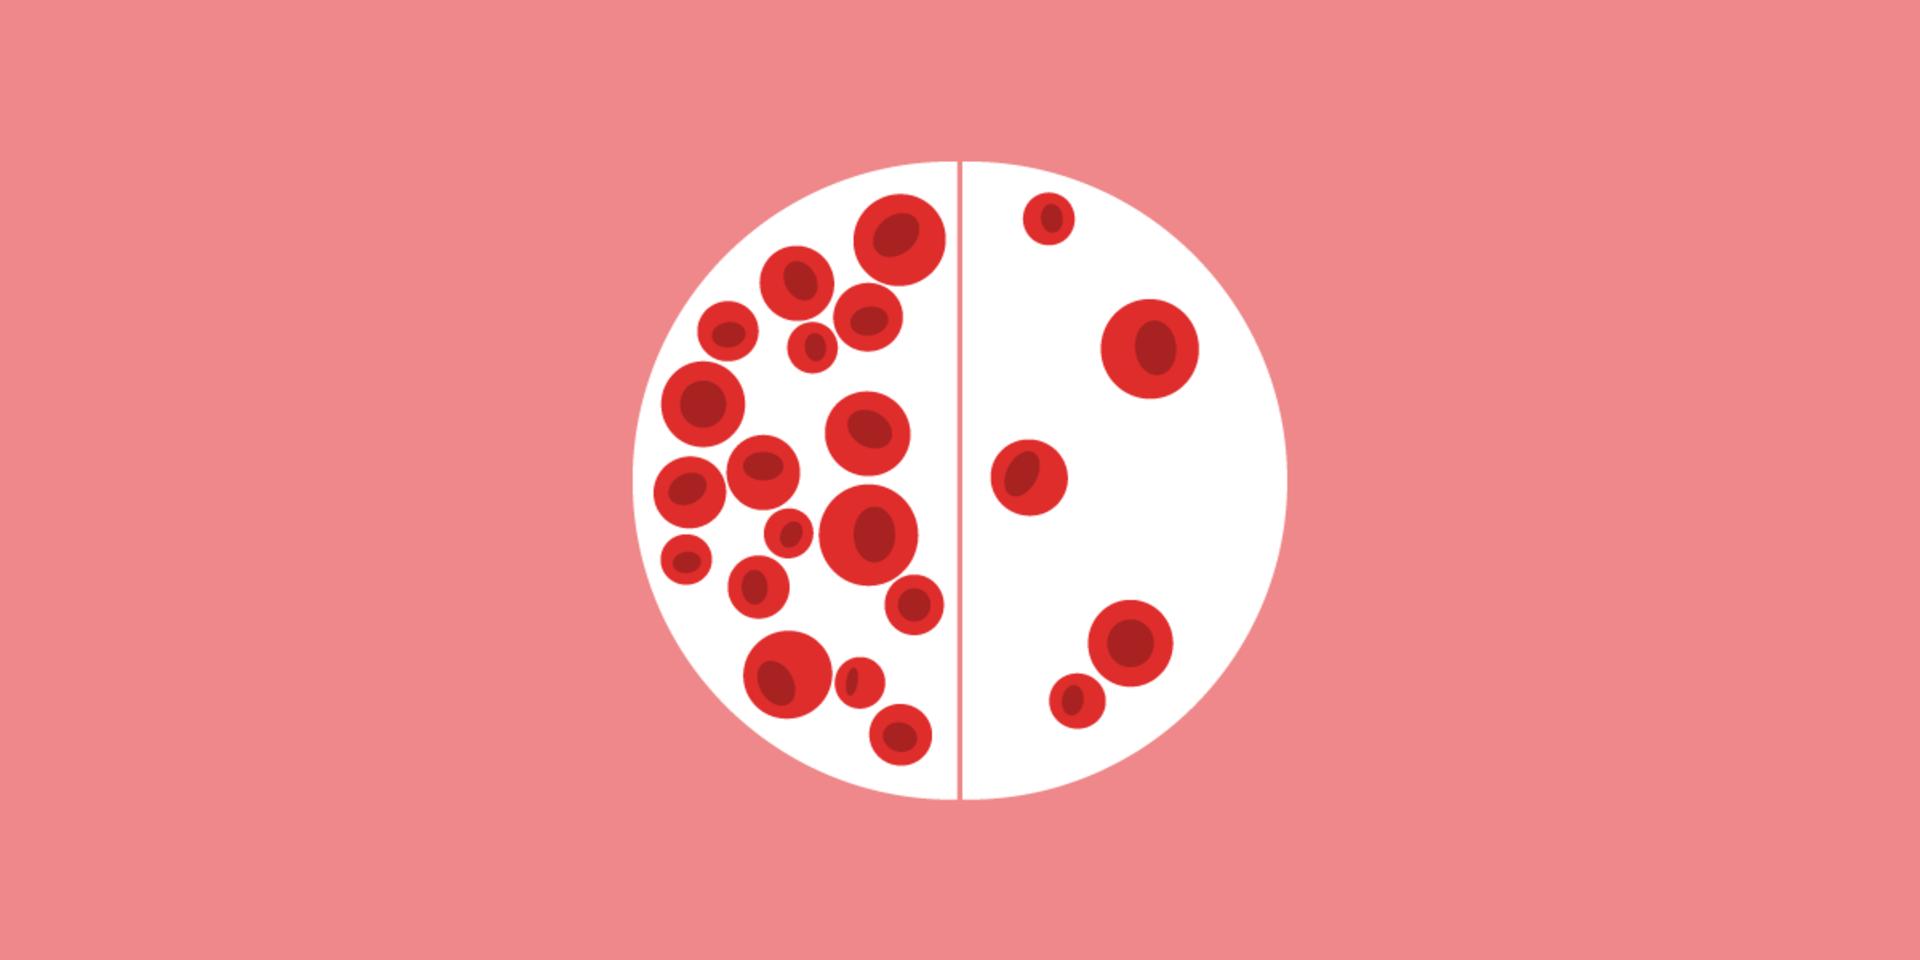 اسباب فقر الدم لدى النساء